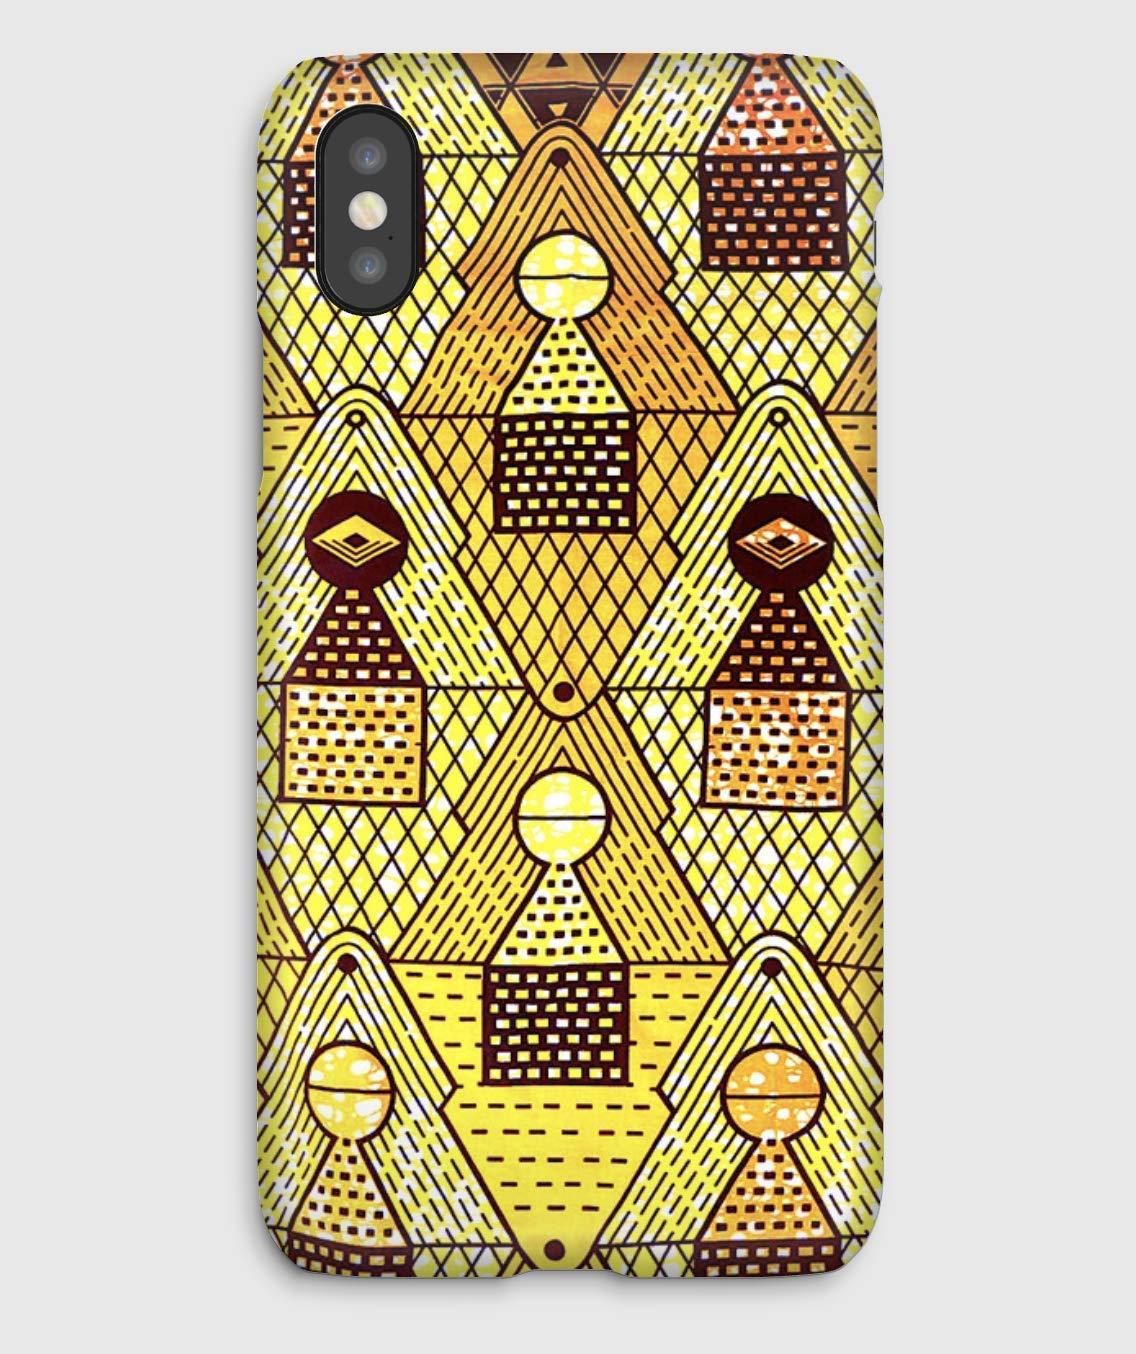 Wax africain motif jaune, coque pour iPhone XS, XS Max, XR, X, 8, 8+, 7, 7+, 6S, 6, 6S+, 6+, 5C, 5, 5S, 5SE, 4S, 4,